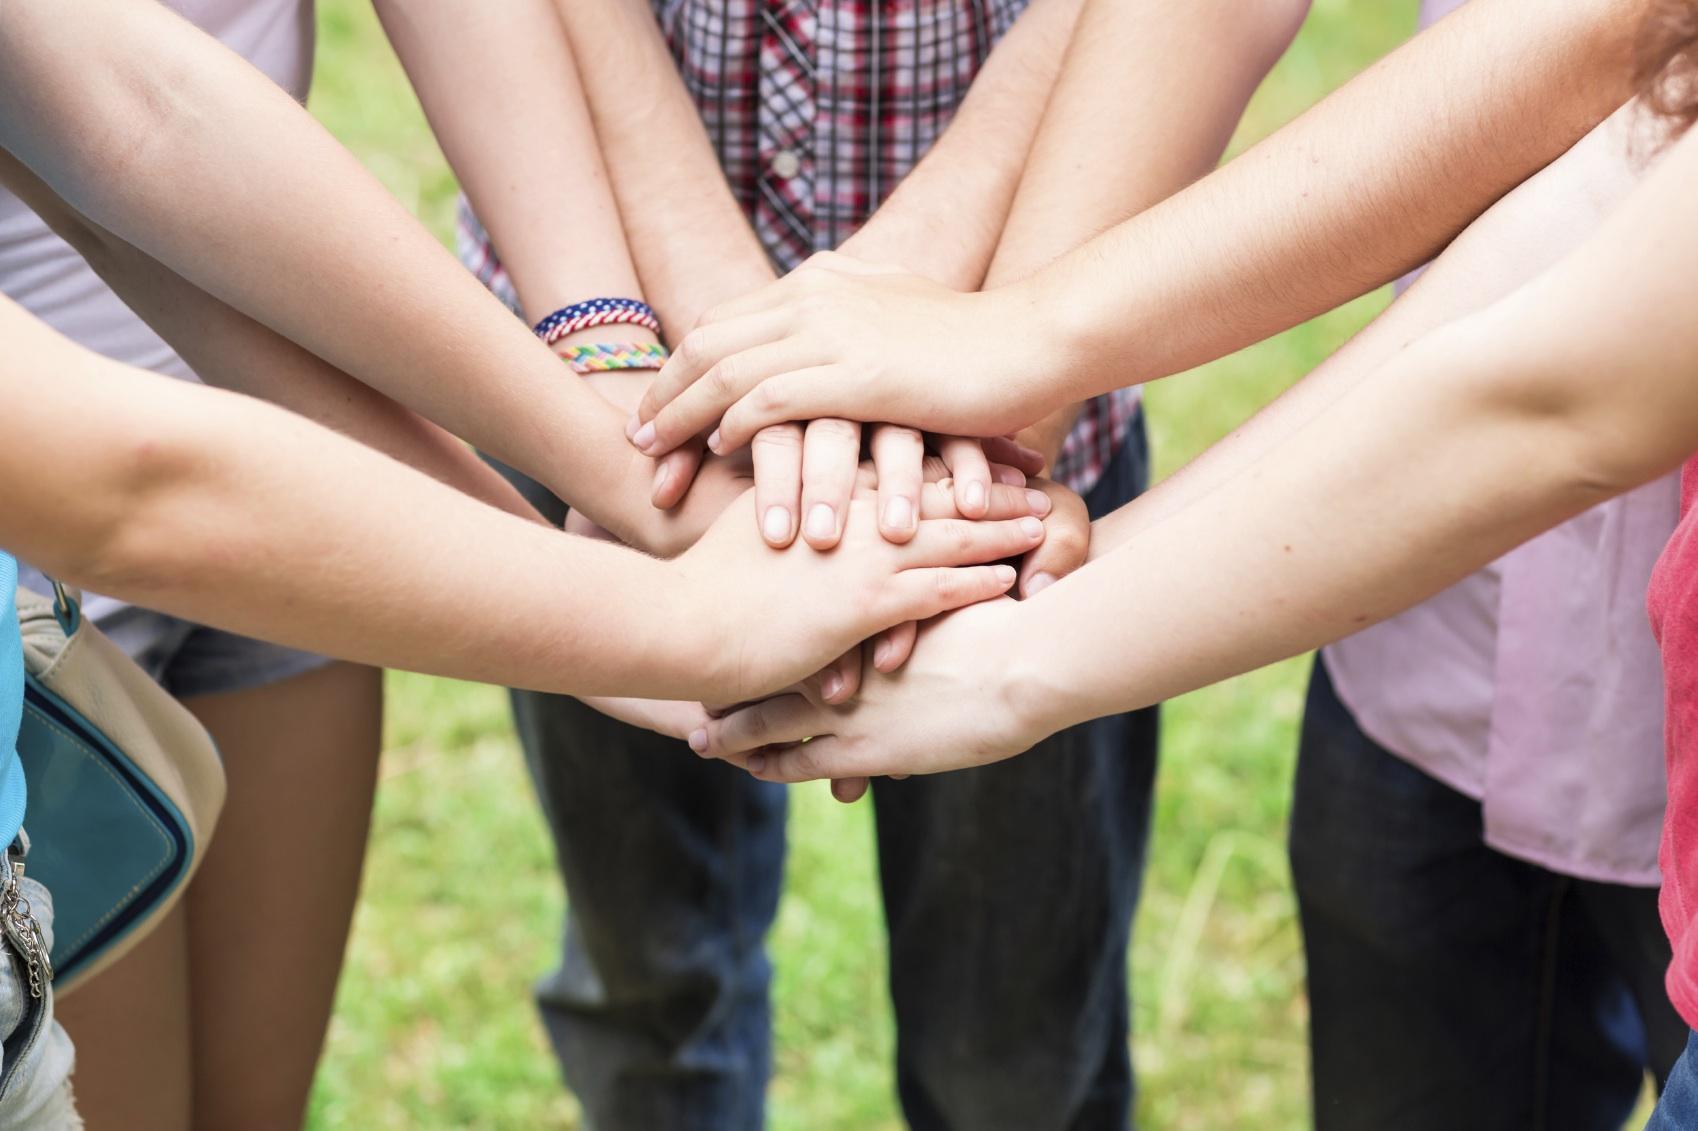 Emagrecer em grupo é muito melhor!